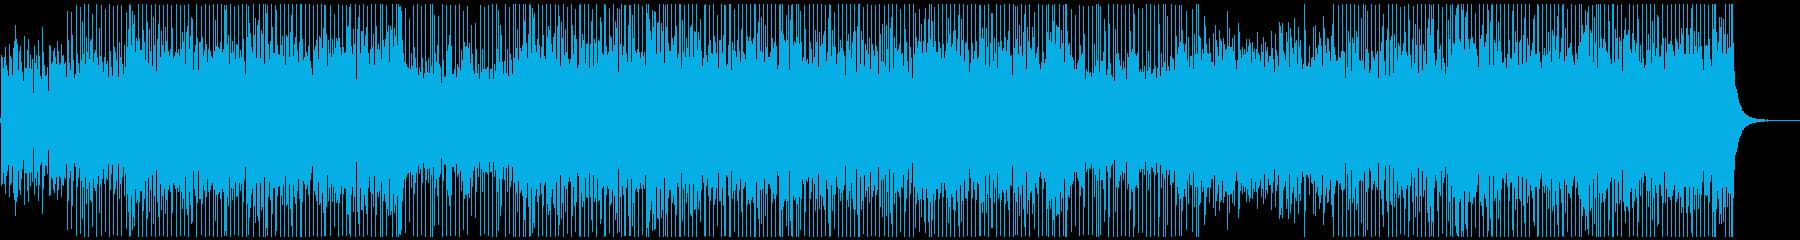 さわやか・クールなギター&ピアノ曲の再生済みの波形